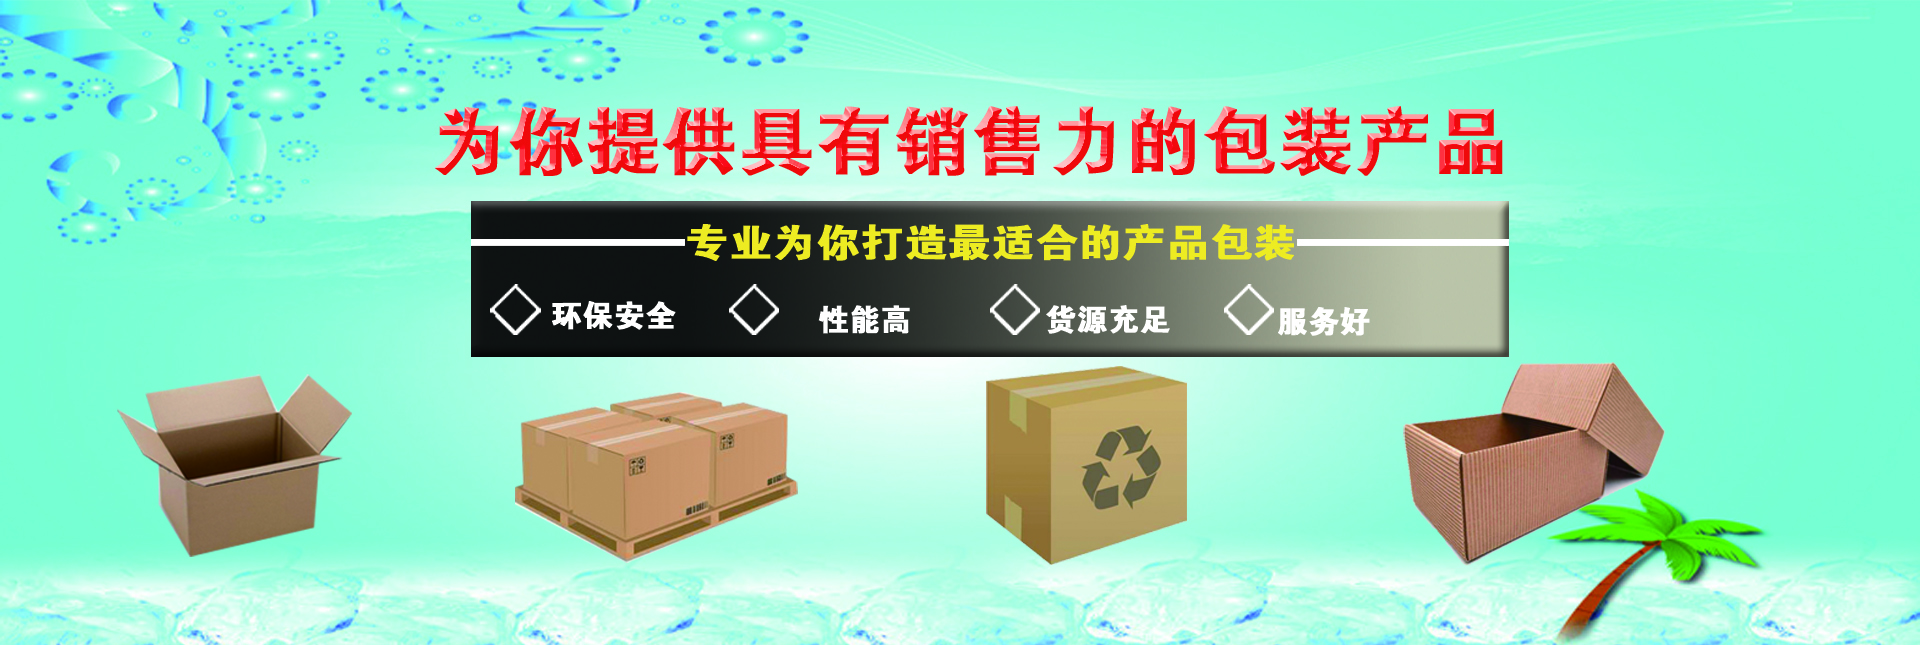 回收外贸服装